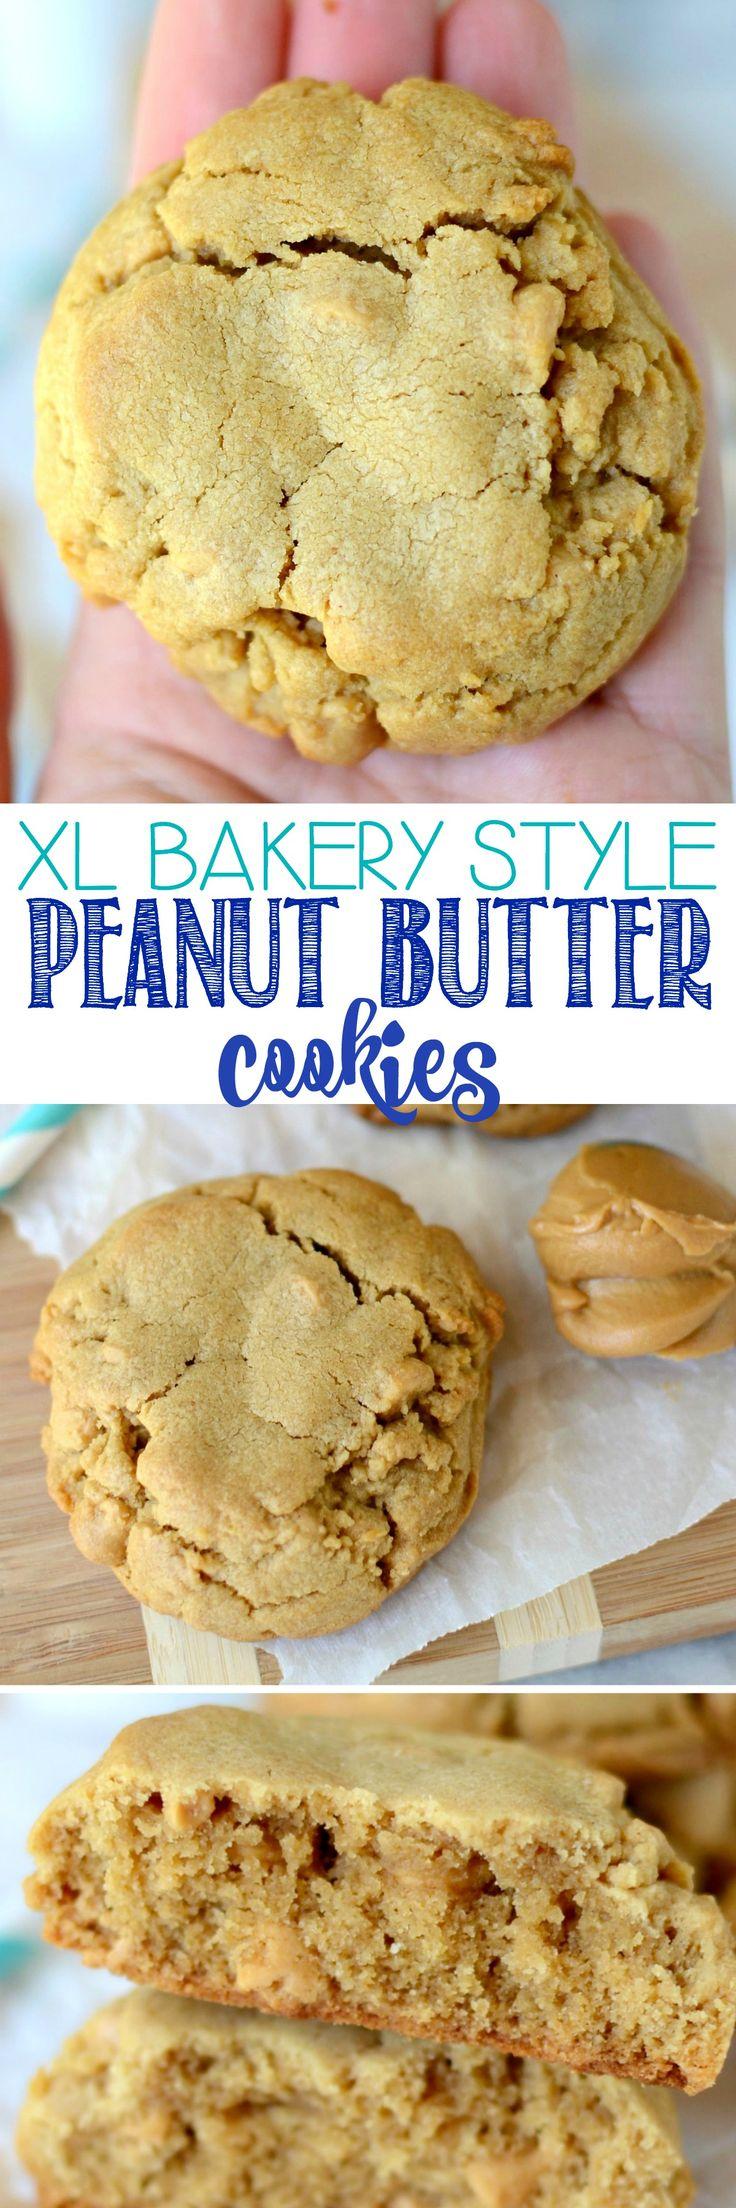 XL Estilo Panadería Galletas - PB estas galletas de mantequilla de maní son enormes y lleno de chips de mantequilla de maní.  Inhalamos éstos más rápido de lo que puedo hacerlos!